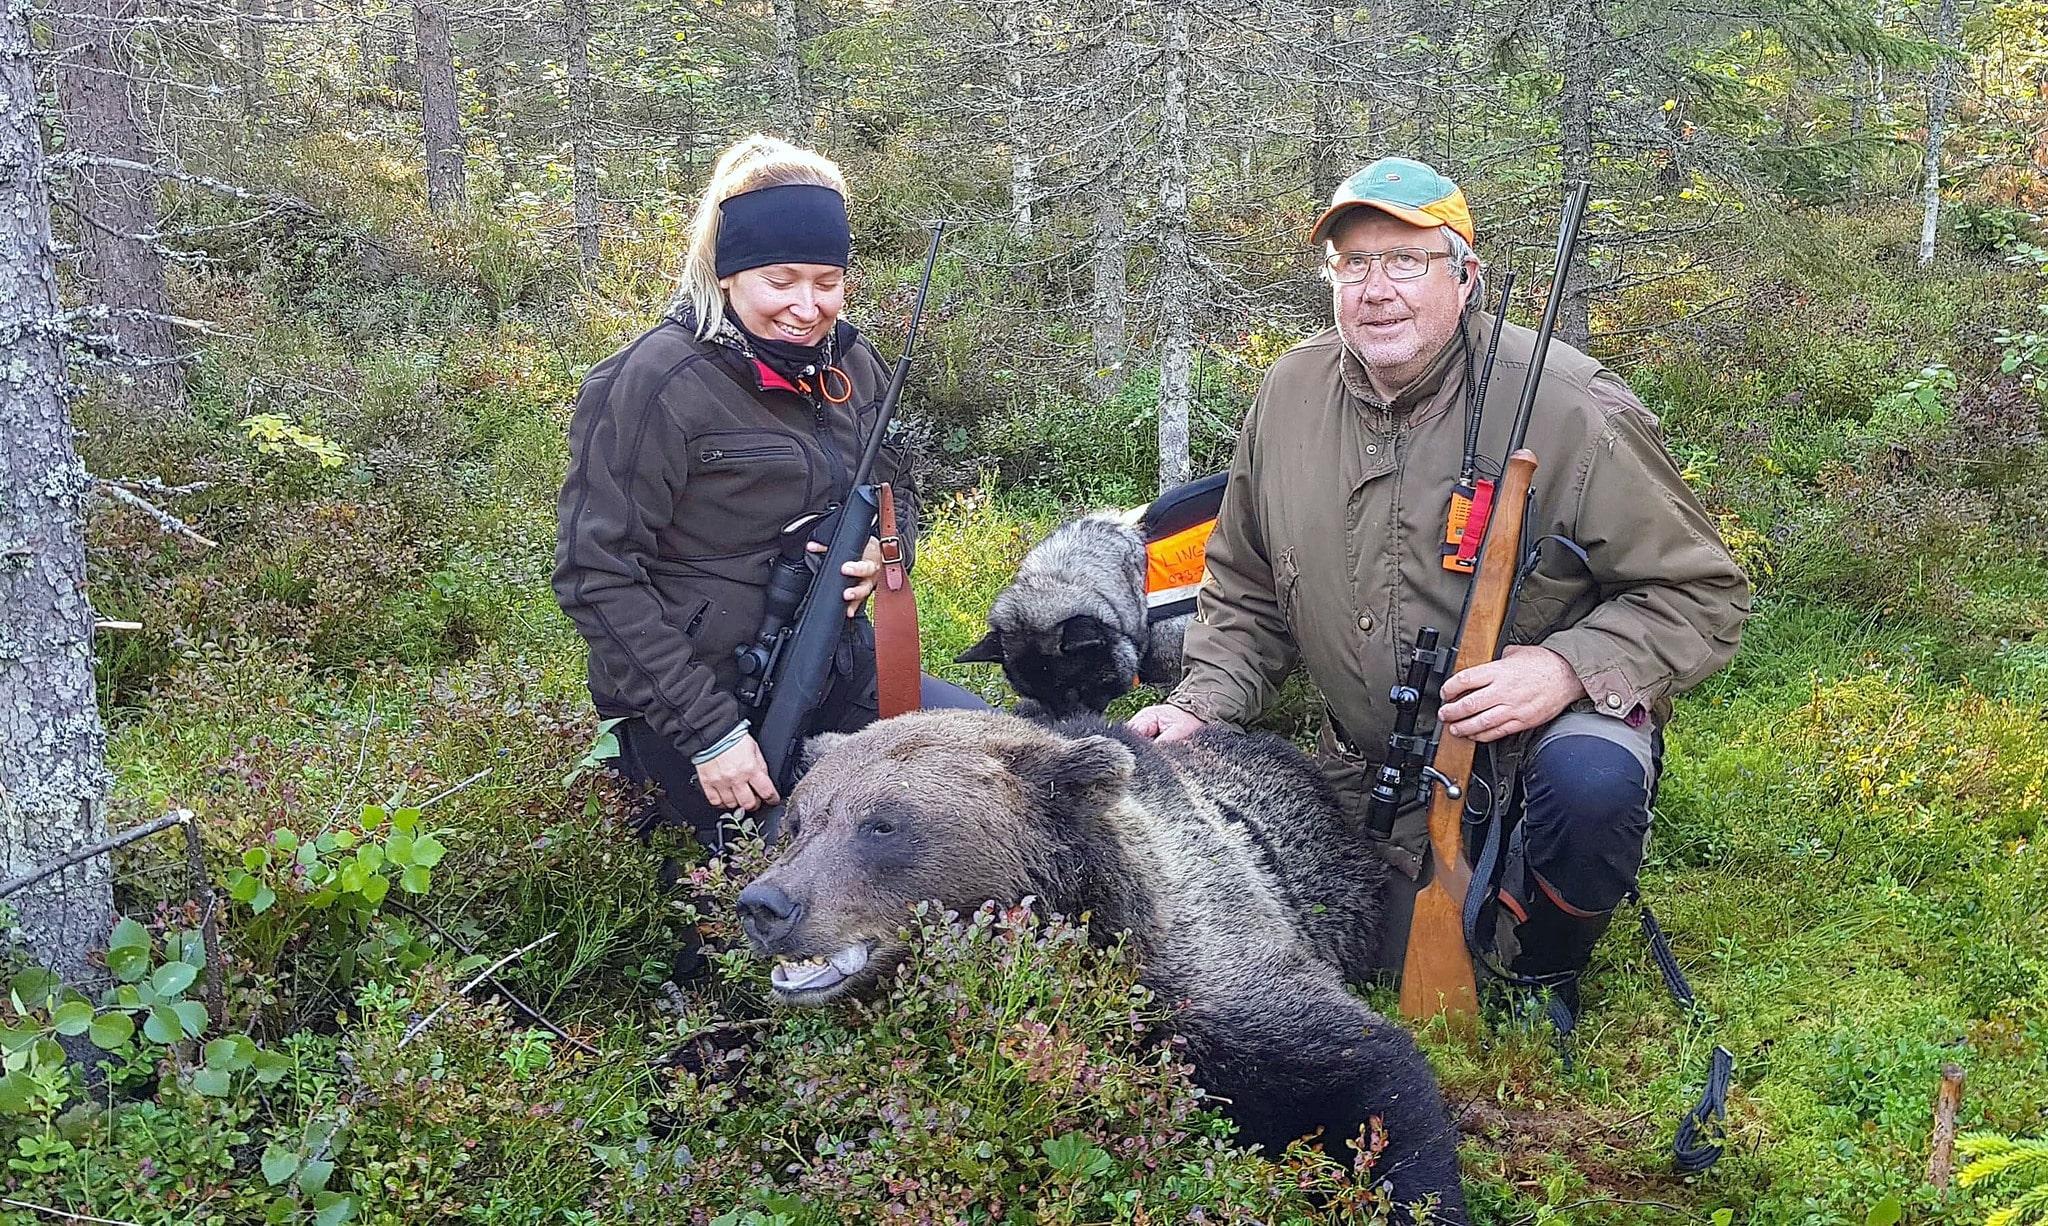 Elin Kohlström och Göran Andersson stod på samma pass och fällde tillsammans en björnhona. Det var Elins första björn och samma dag fällde sambon Sebastian Nordvall också en björnhona undan sina gråhundar.